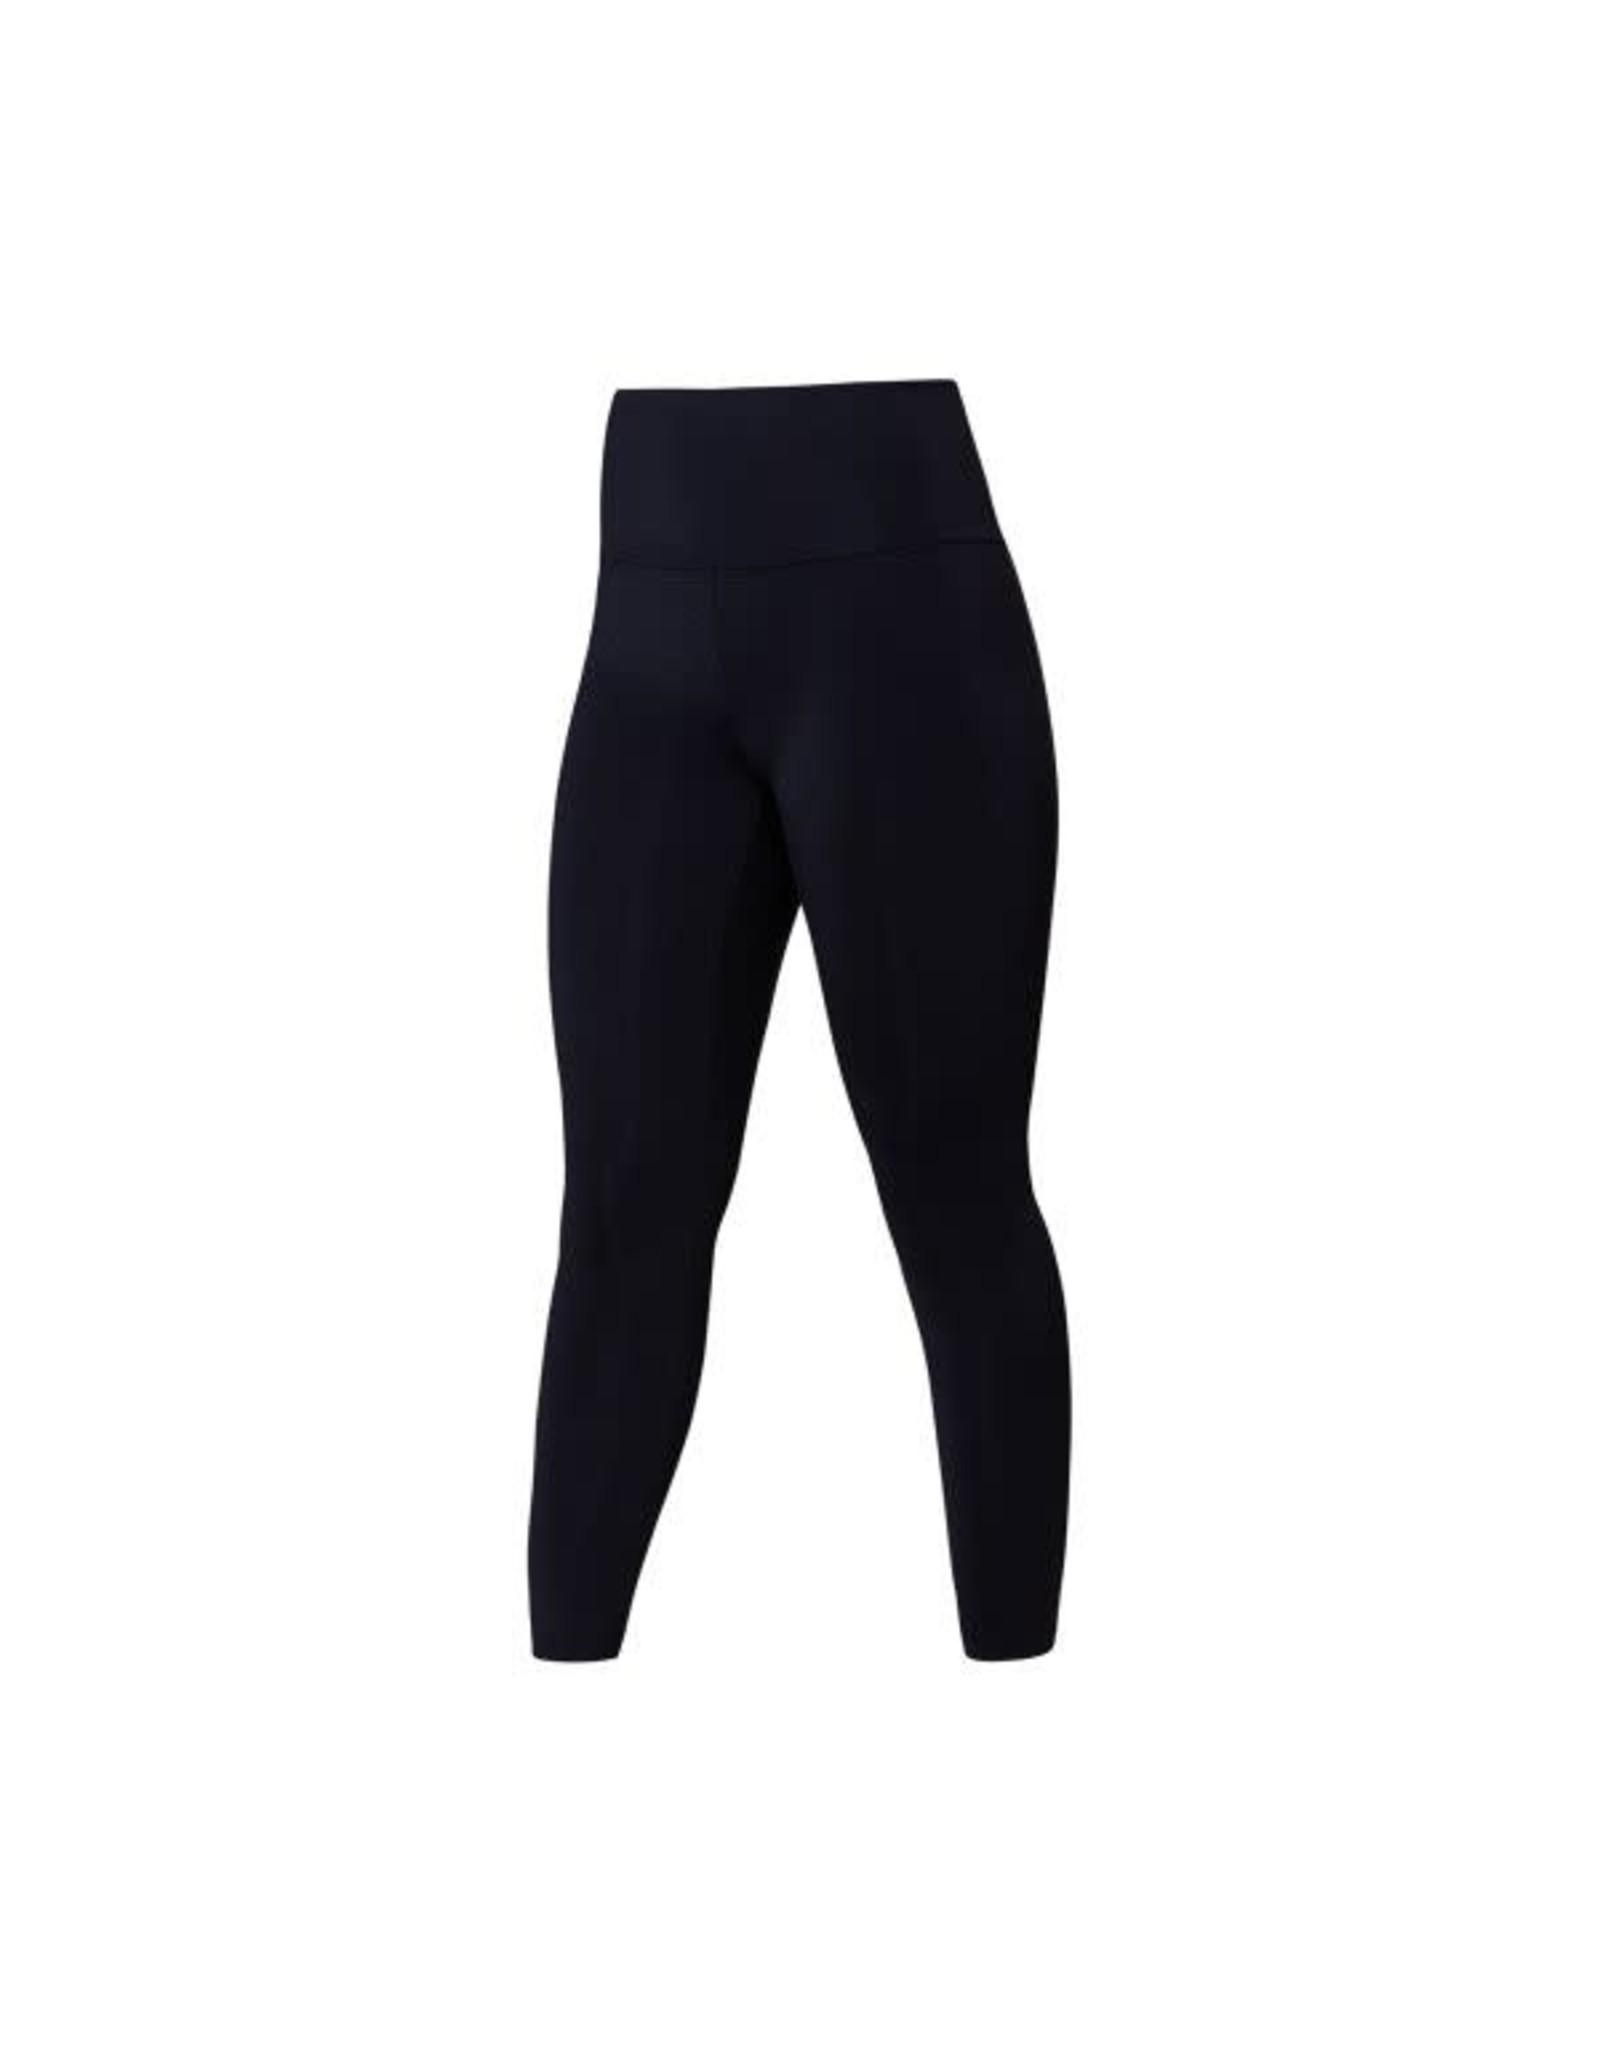 Energetiks Energetiks Black clea leggings